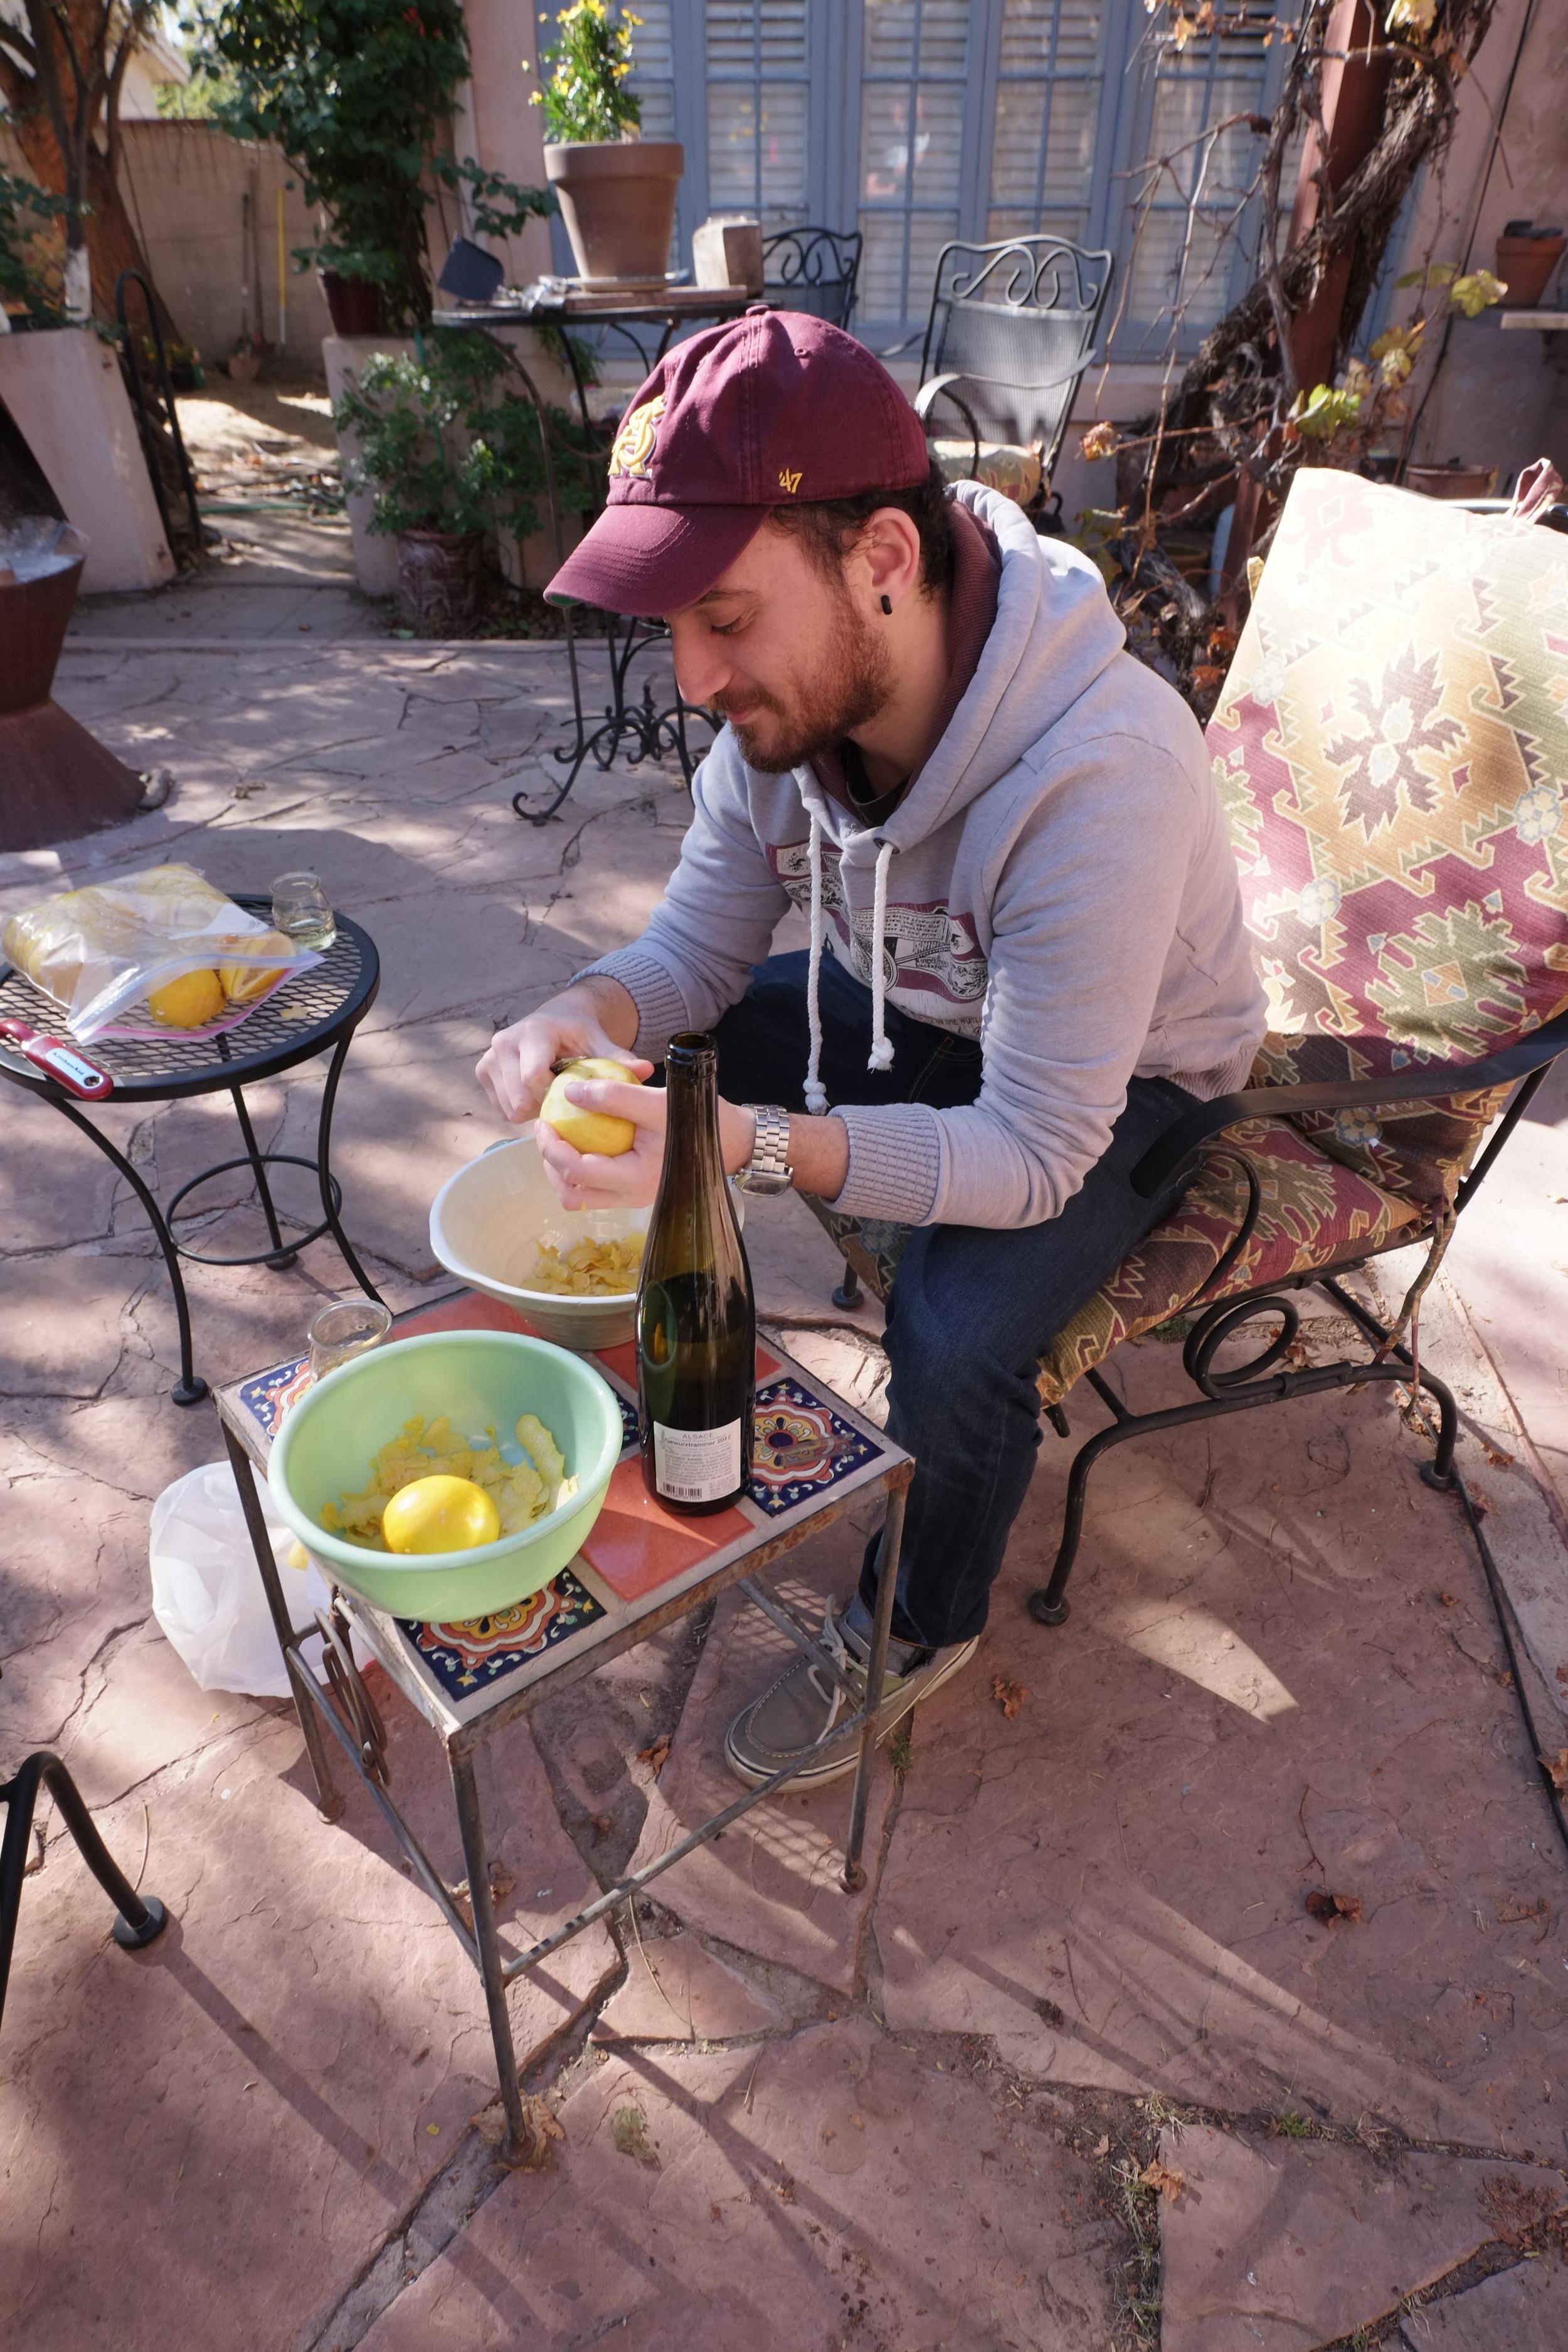 Francesco, zesting lemons for limoncello, jan 2015